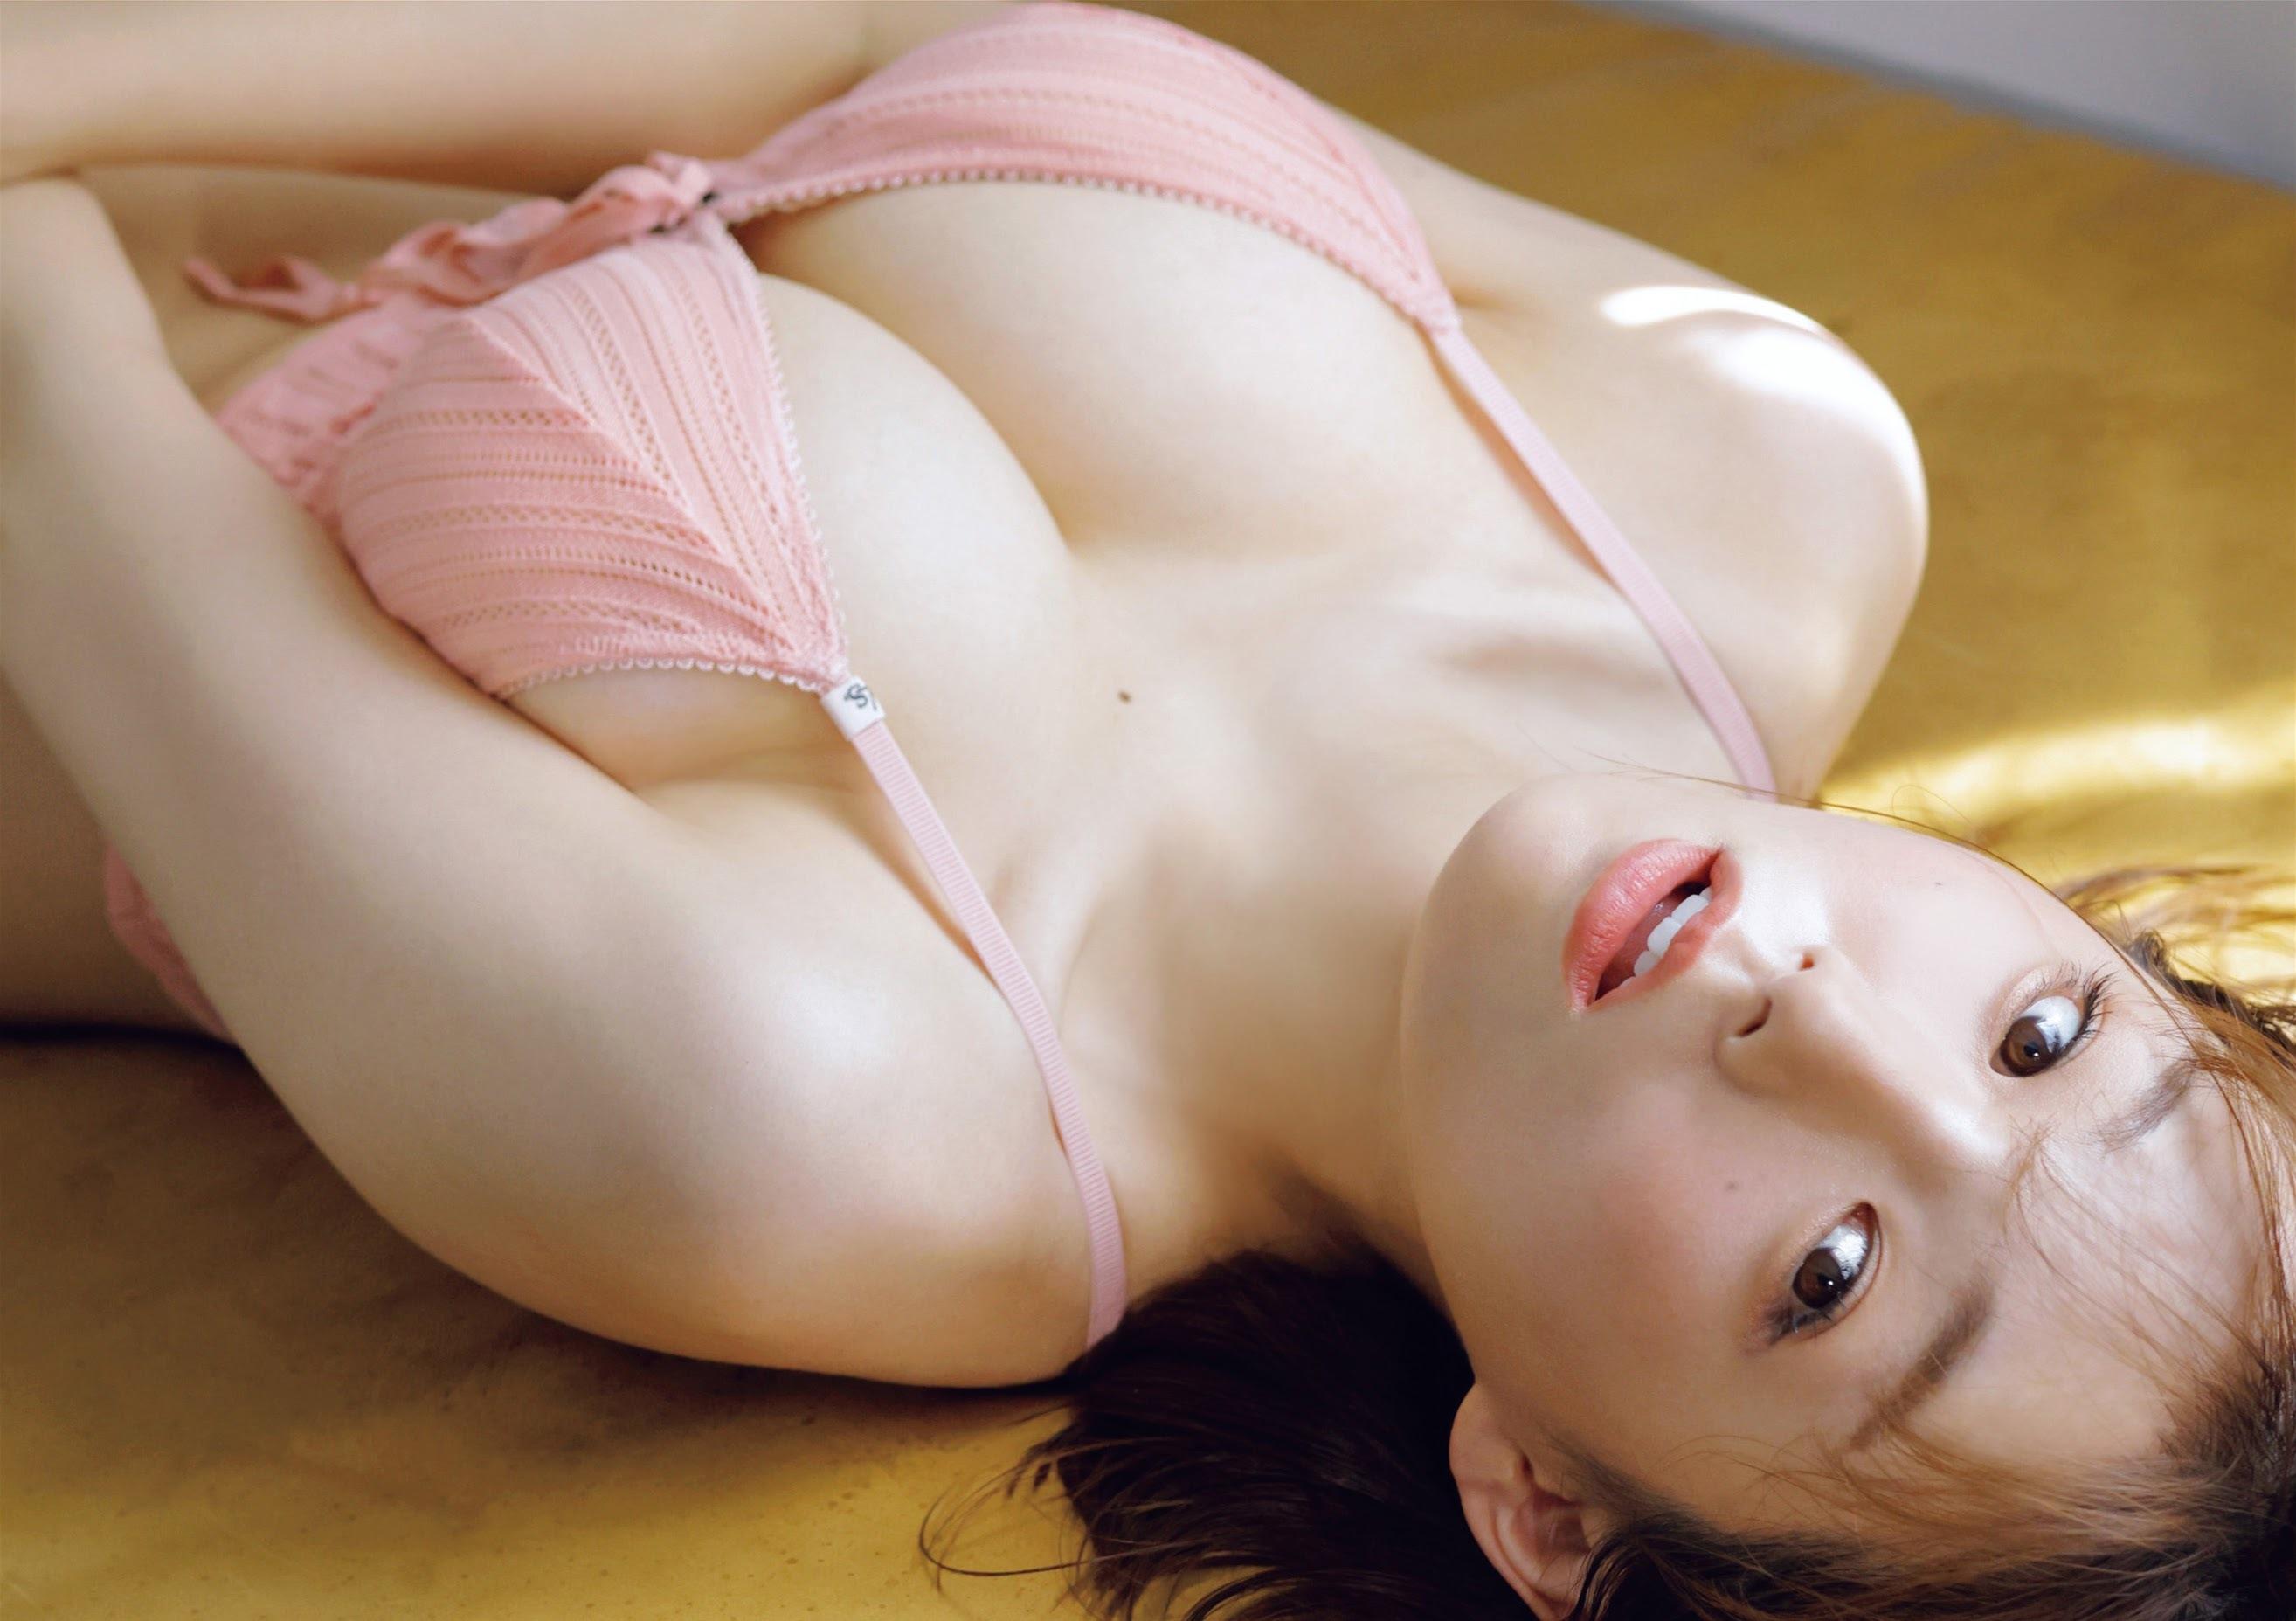 篠崎愛18